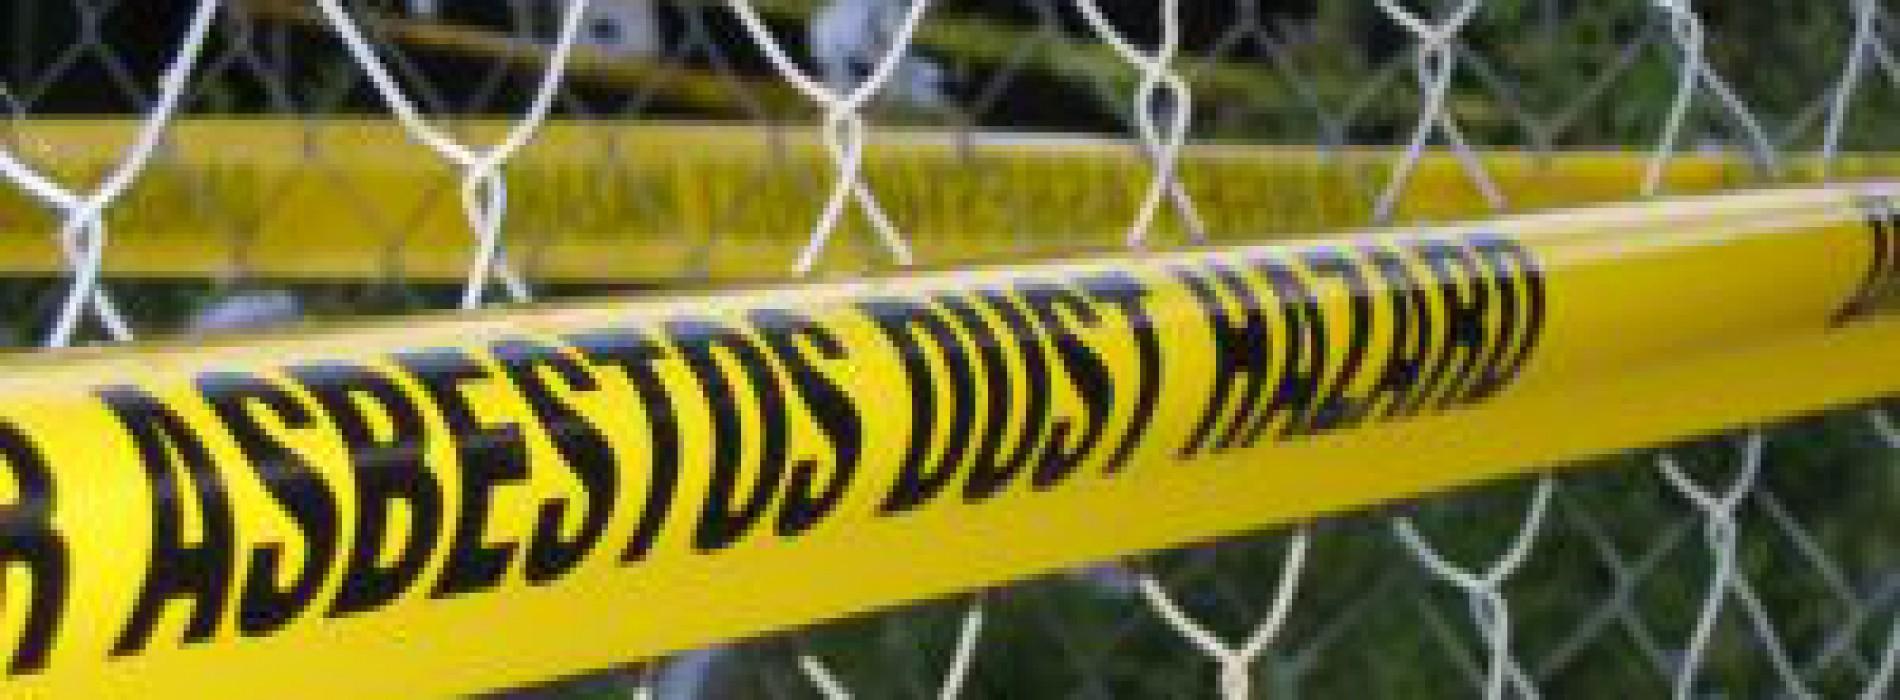 75 gmin z Warmii i Mazur podpisało umowy na bezpieczne usunięcie materiałów zawierających azbest